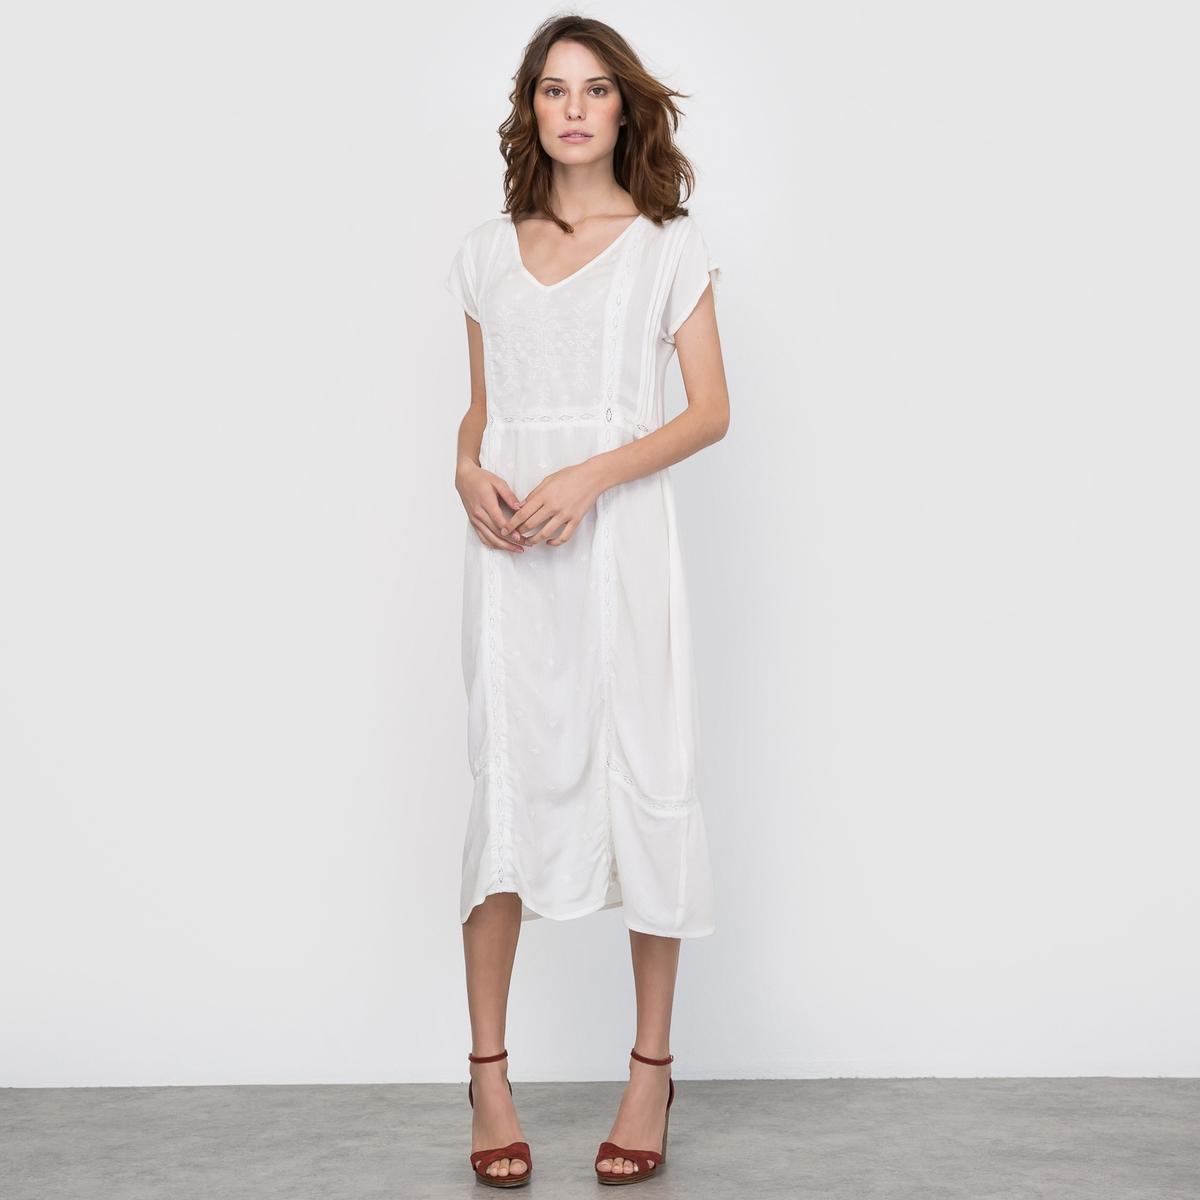 Платье с вышивкой и кружевомРомантическое платье из легкой хлопчатобумажной ткани, вышивка на груди, косые декоративные вырезы с кружевом в стиле макраме. Короткие рукава, V-образный вырез.Состав и деталиМатериалы: Платье 100% хлопка - Подкладка : вуаль 100% хлопкаДлина  : 112 смМарка : COULEURS D?T?  Уход Машинная стирка при 30 °C в деликатном режиме с вещами схожих цветовСтирка и глажка с изнаночной стороныМашинная сушка запрещенаГладить при умеренной температуреНе отбеливатьЗапрещена сухая (химическая) чистка<br><br>Цвет: слоновая кость